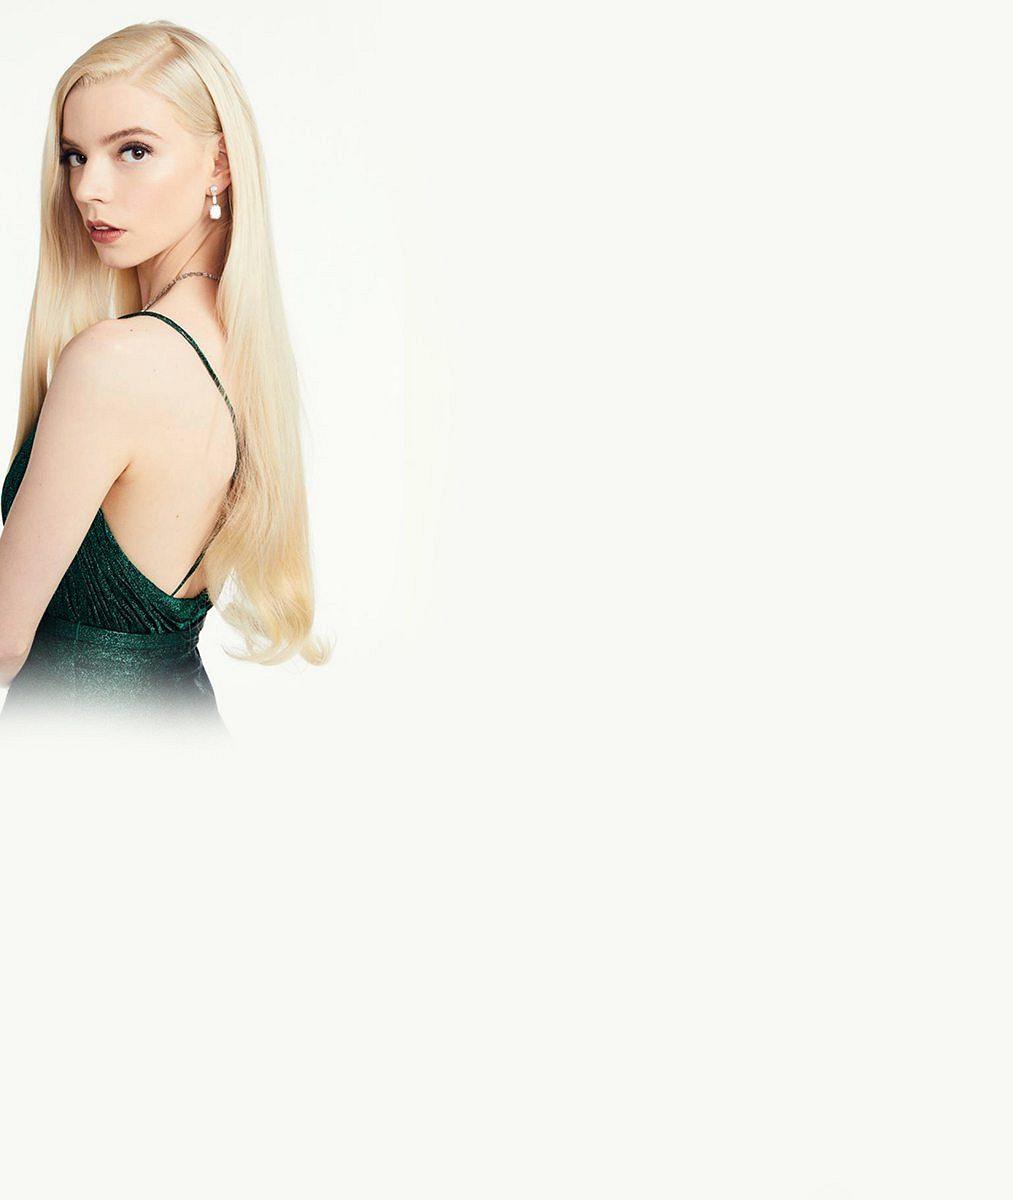 Královna Zlatých glóbů. Anya Taylor-Joy měla na sobě skvost od Diora, který vznikal víc než dvanáct dní vkuse